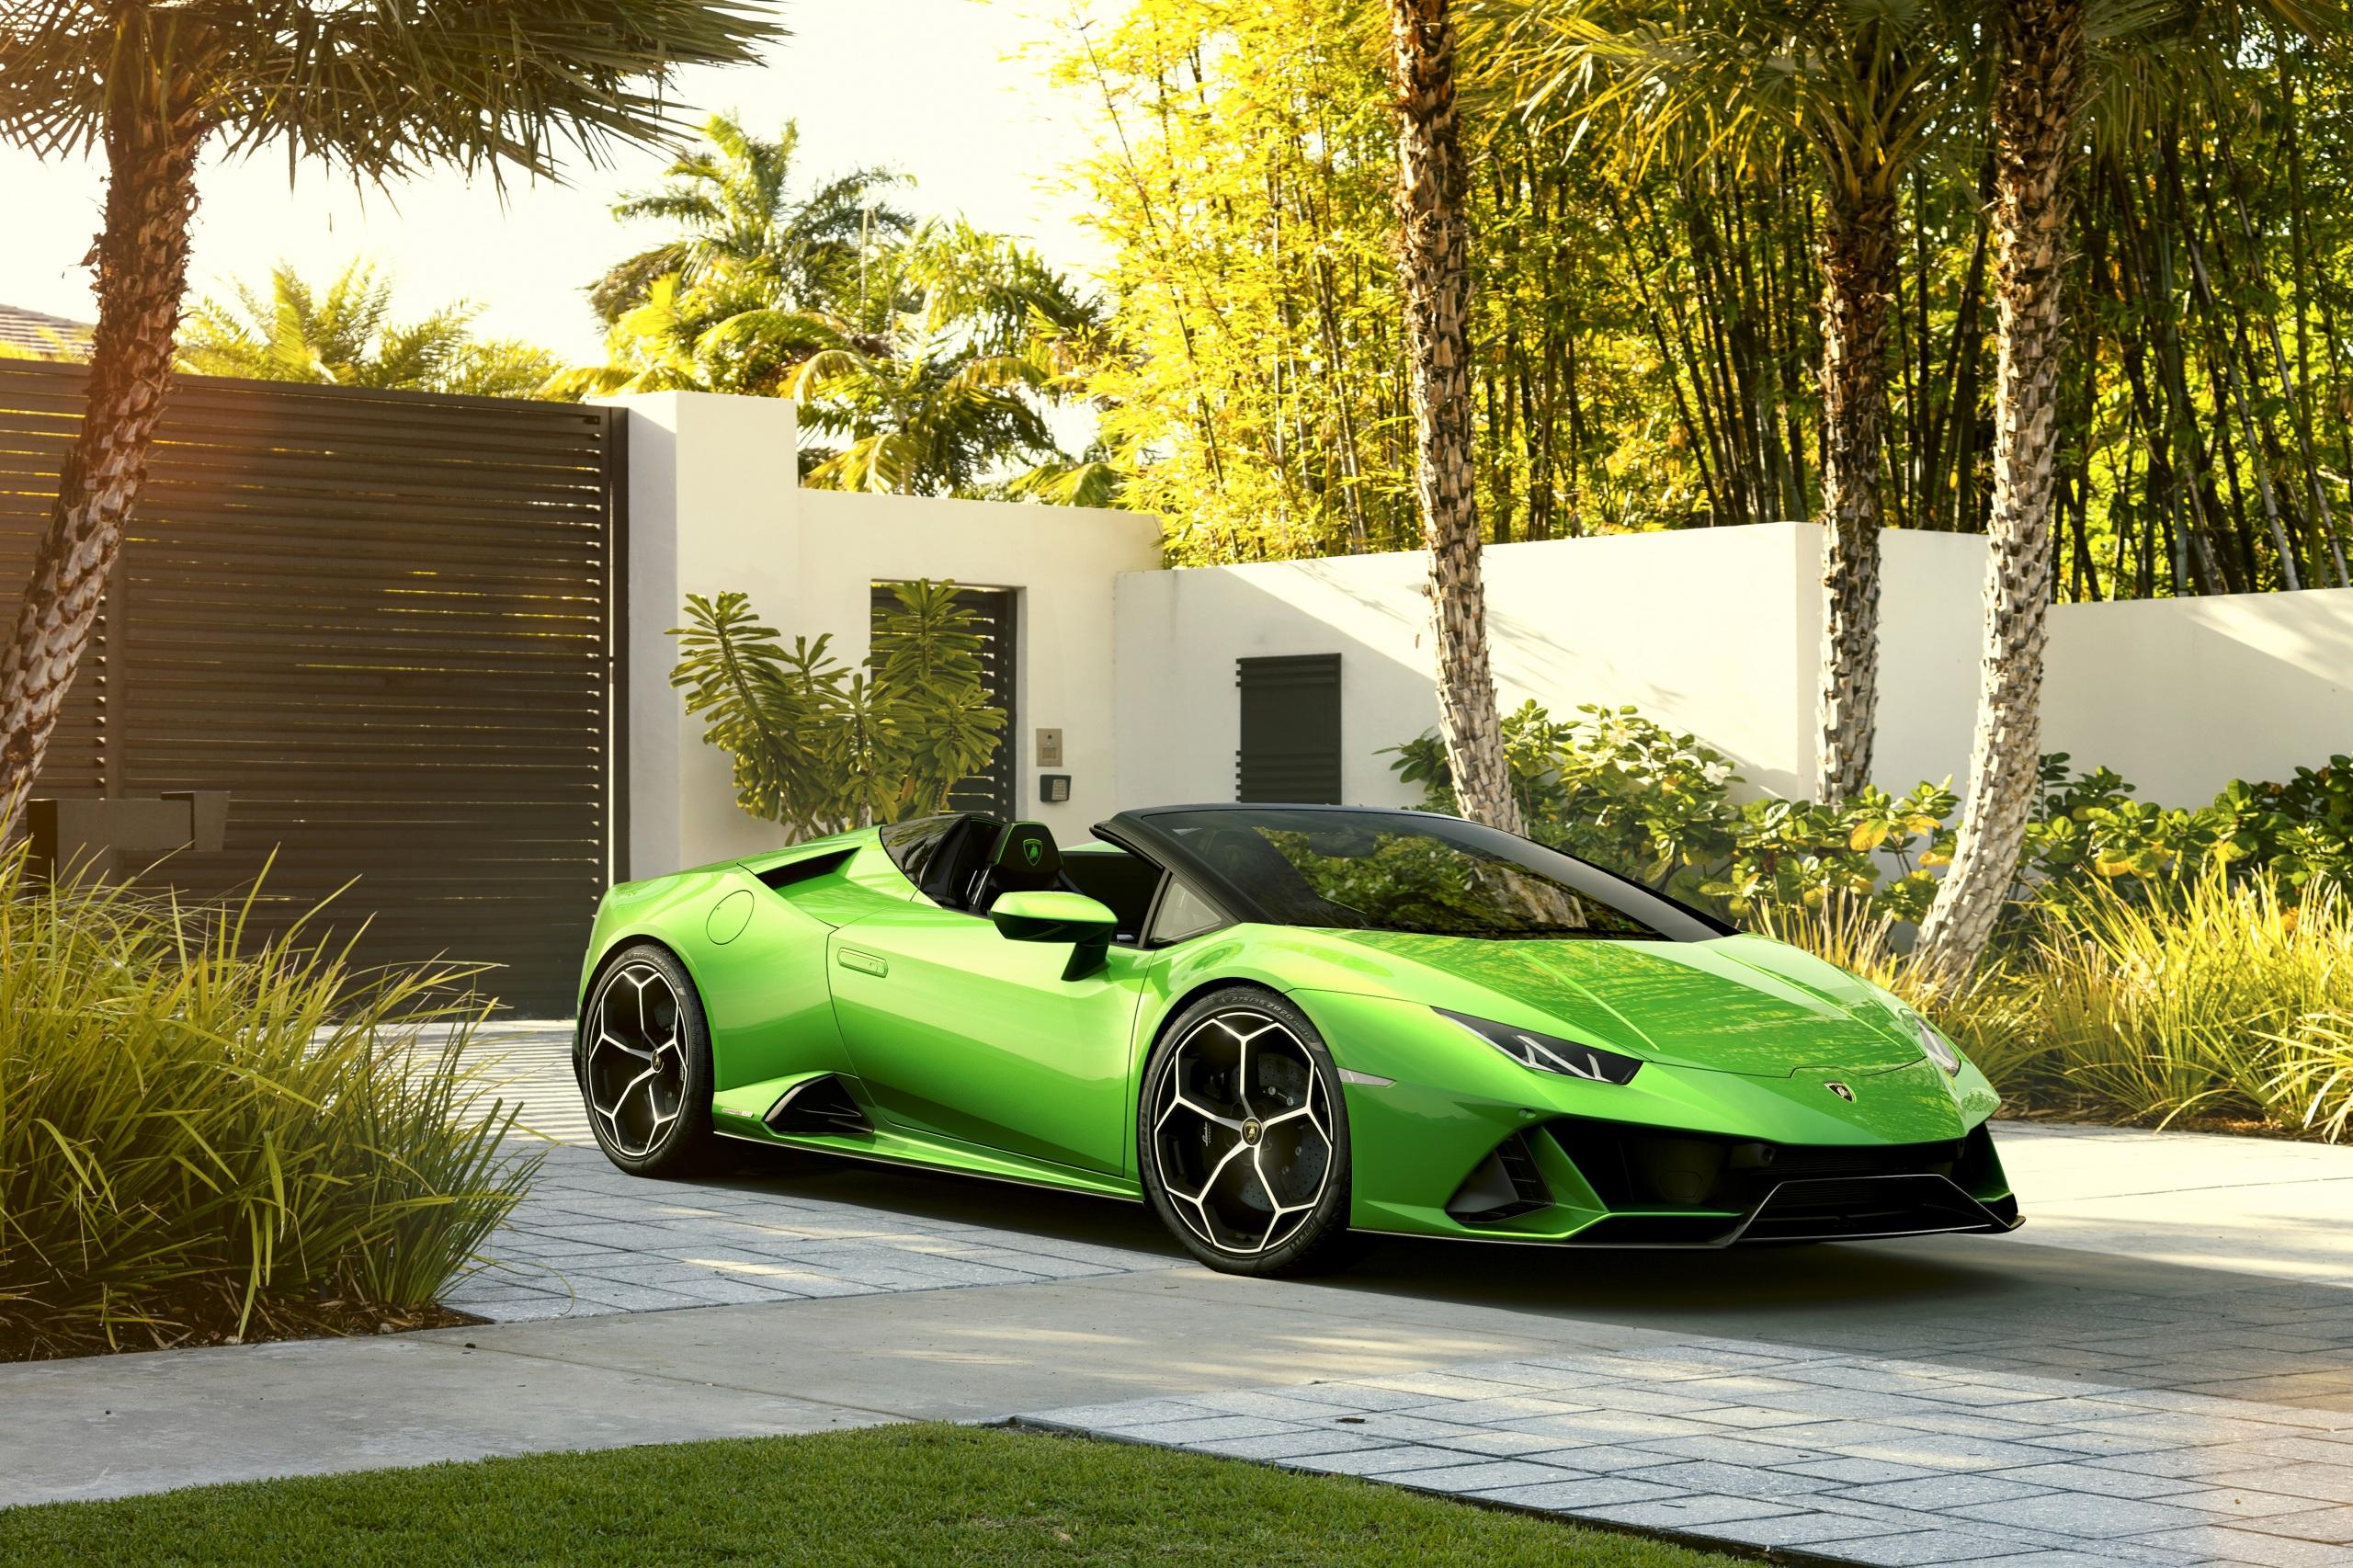 Фотографии Lamborghini 2019 Huracan EVO Spyder Родстер салатовая Металлик Автомобили 2560x1706 Ламборгини Салатовый салатовые желто зеленый авто машина машины автомобиль